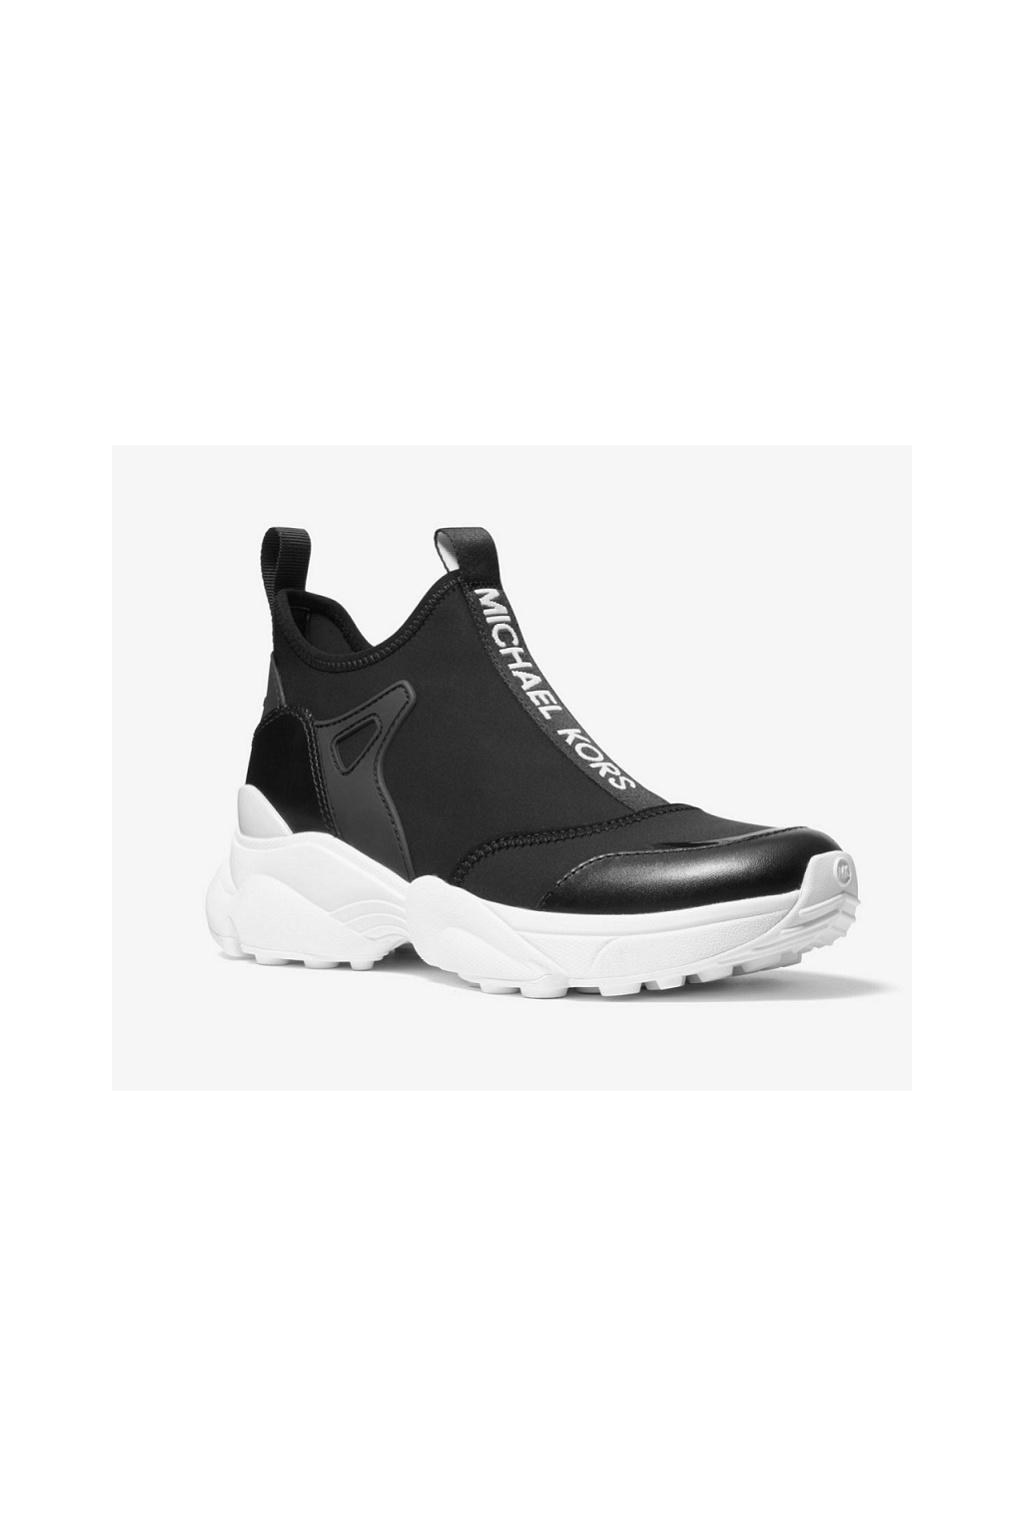 43R0WLFP1D Dámské tenisky Michael Kors Willow Scuba Leather Slip-On černé